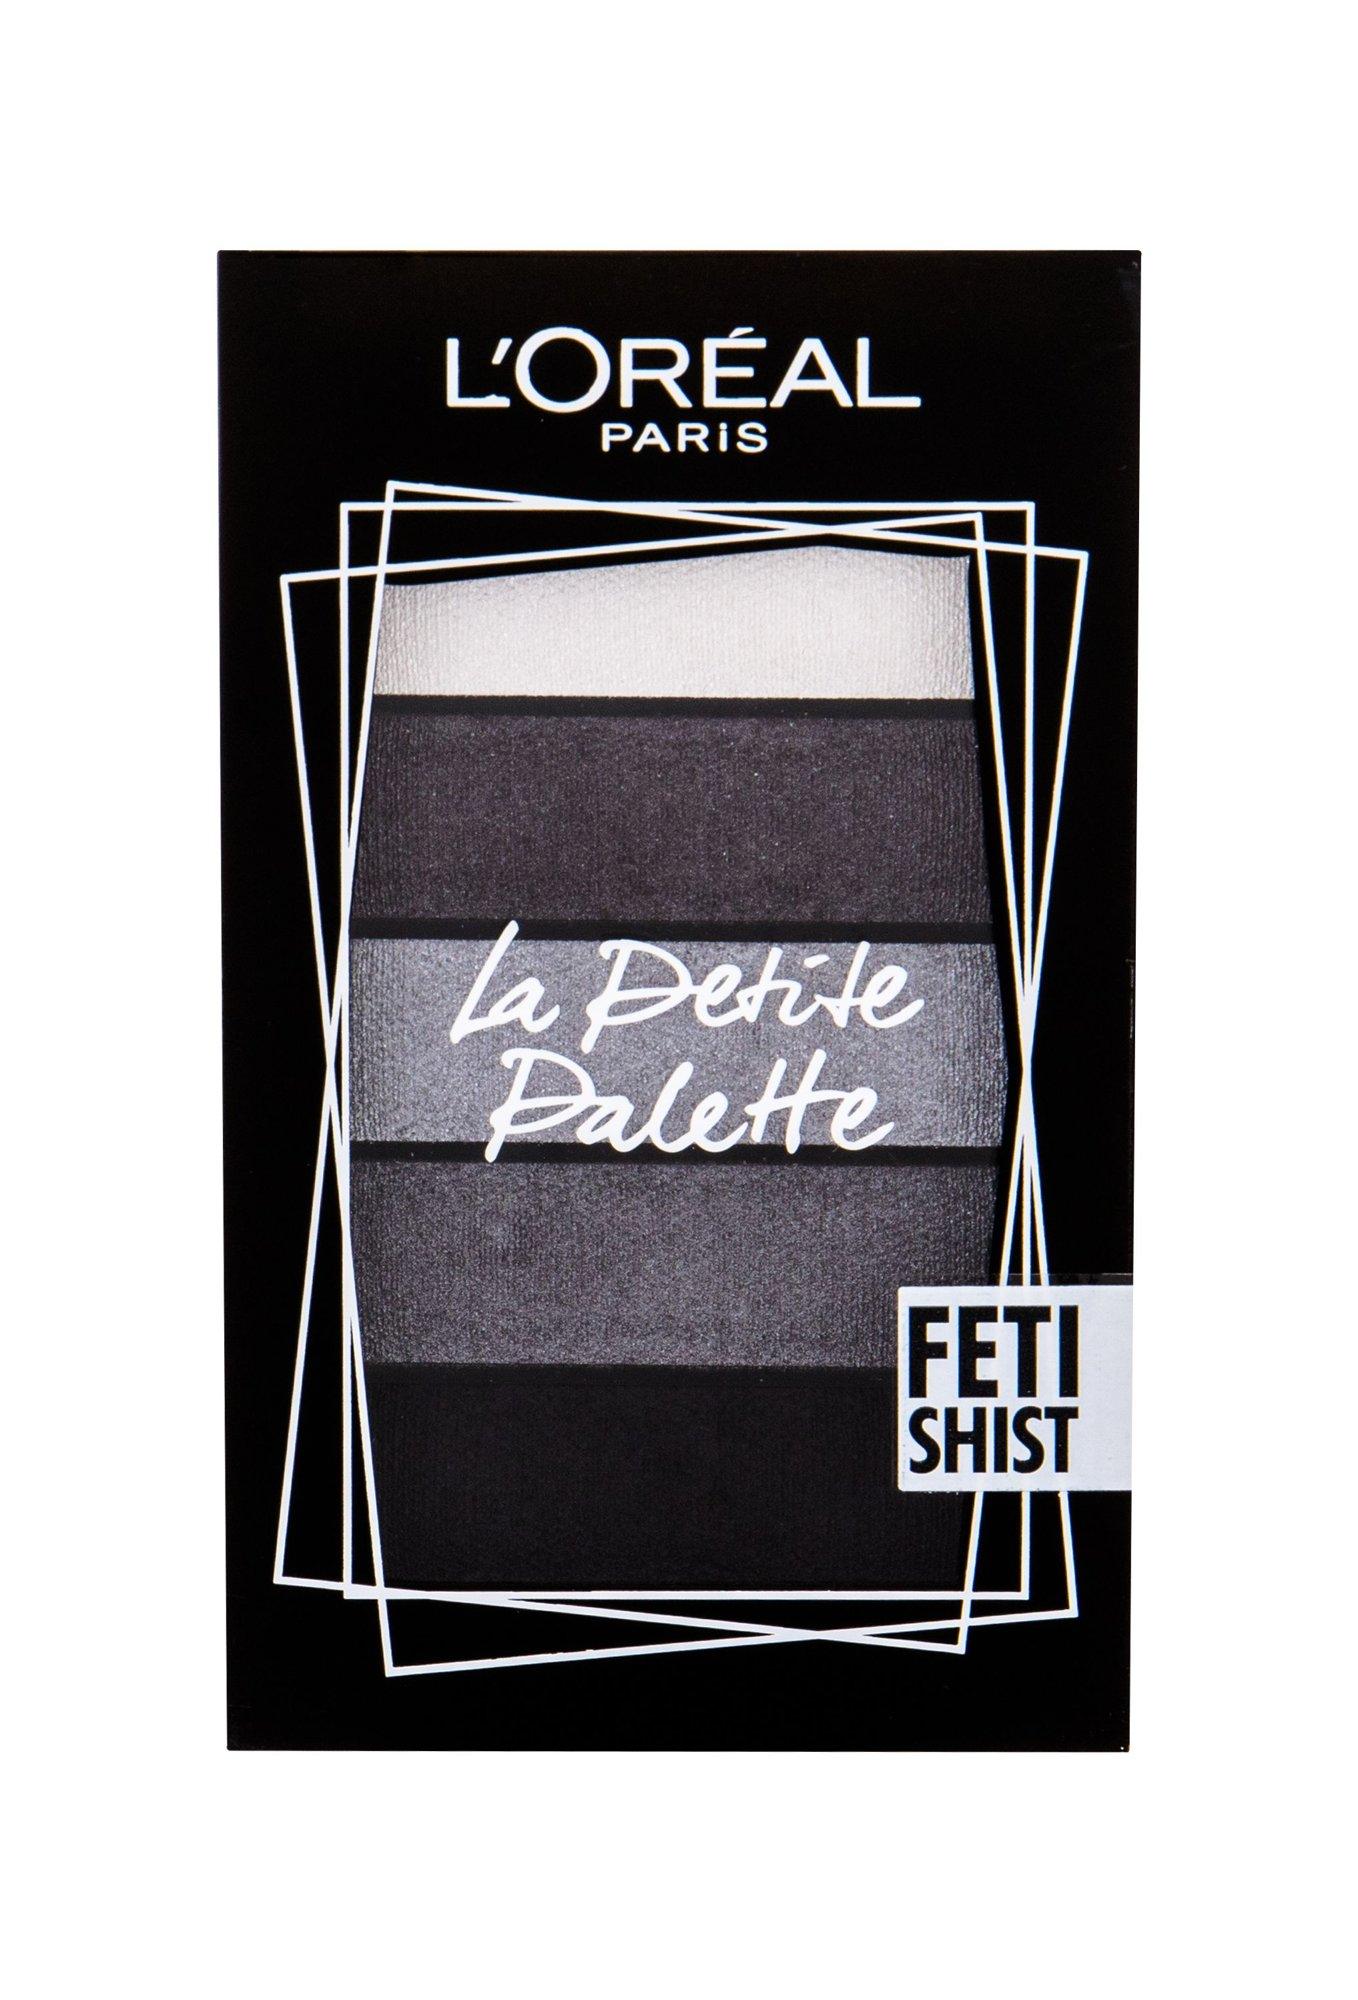 L´Oréal Paris La Petite Palette Eye Shadow 4ml Fetishist